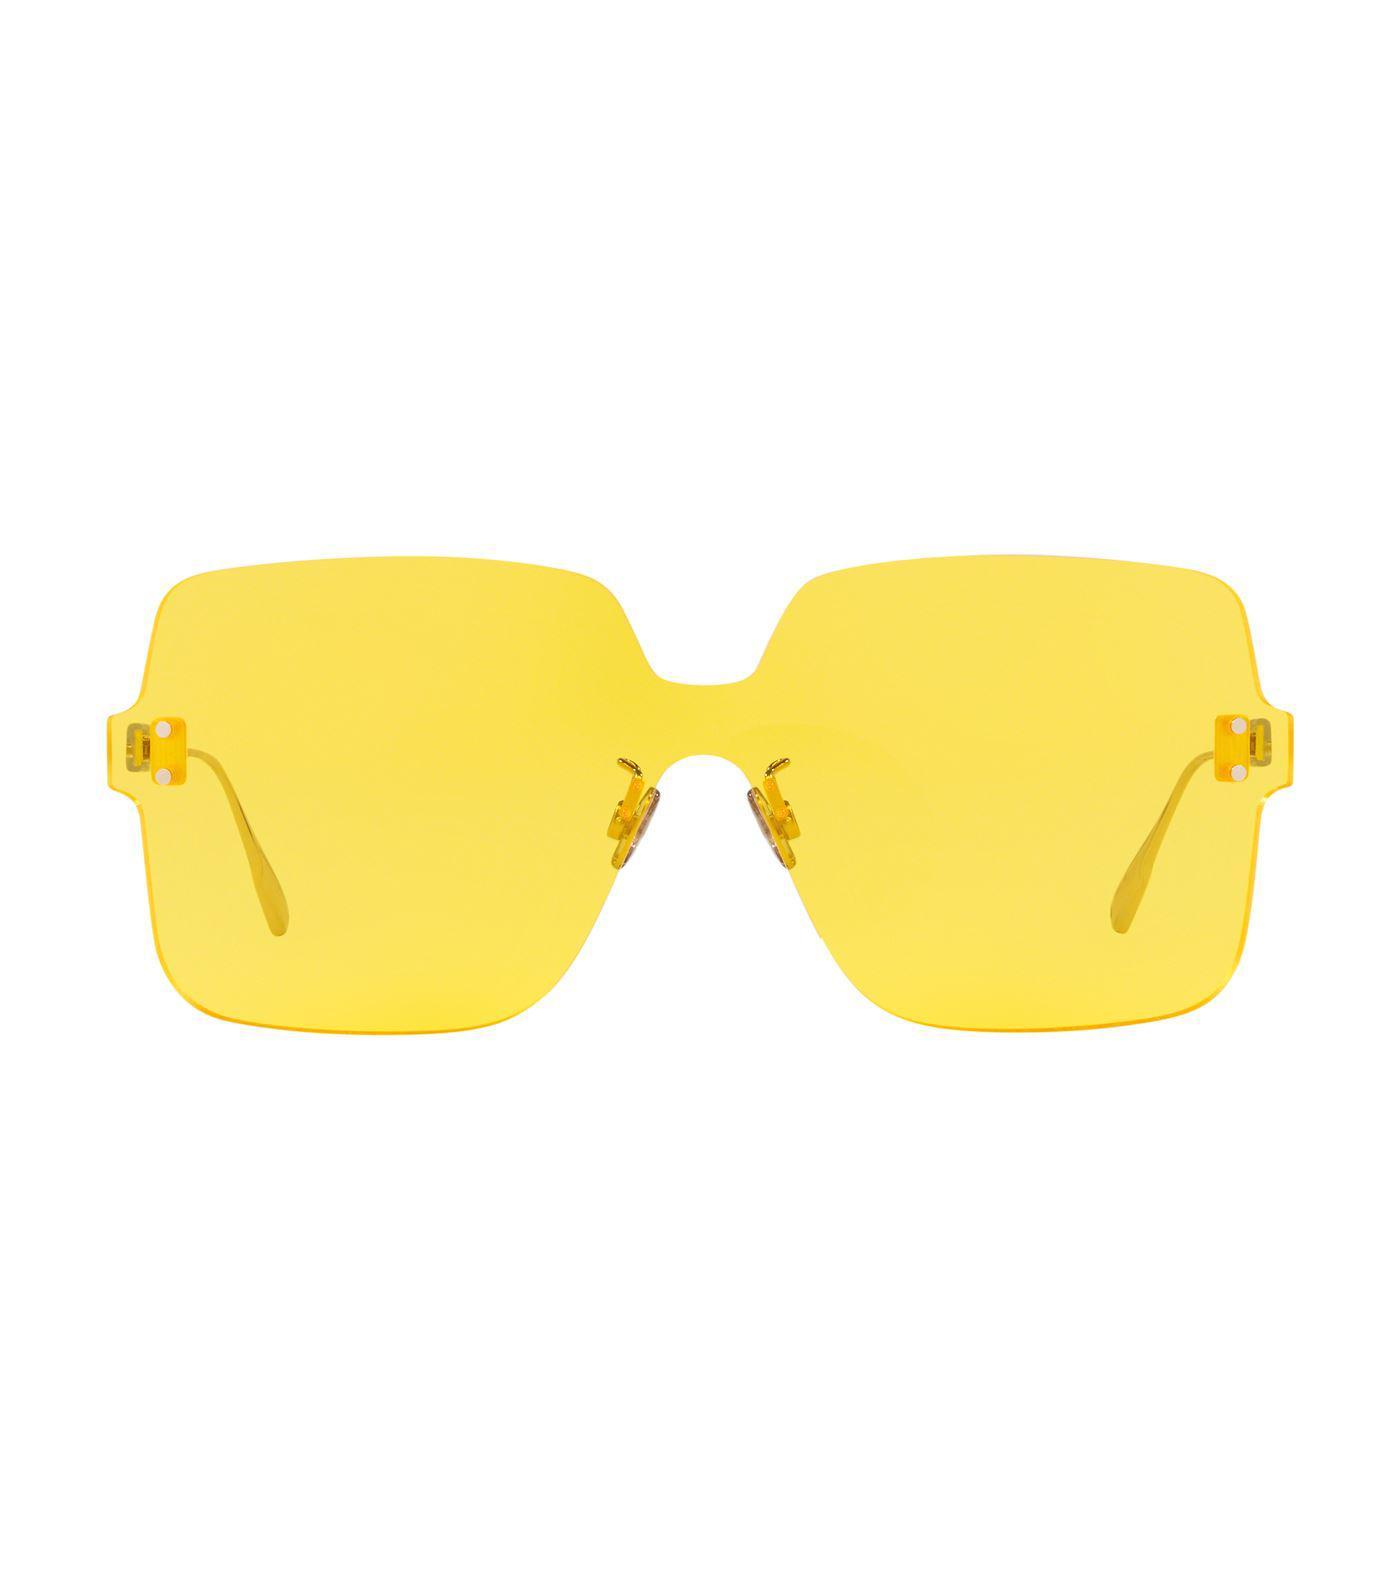 834fa2b419d Lyst - Dior Colorquake1 Sunglasses in Yellow - Save 26%